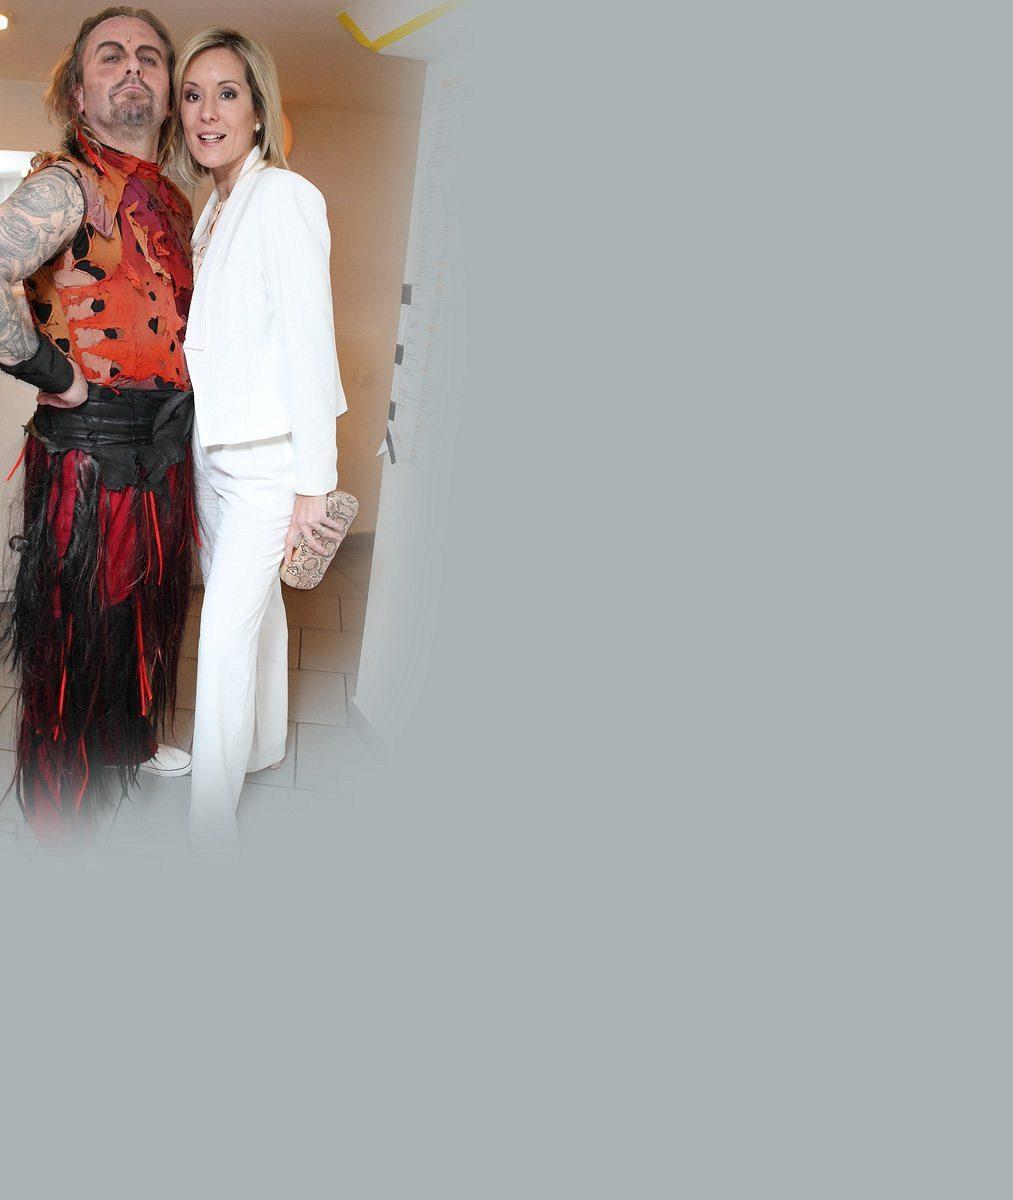 Po delší době zase spolu ve společnosti: Na jubilejní představení Mefista přišla Pepu Vojtka podpořit ijeho krásná manželka